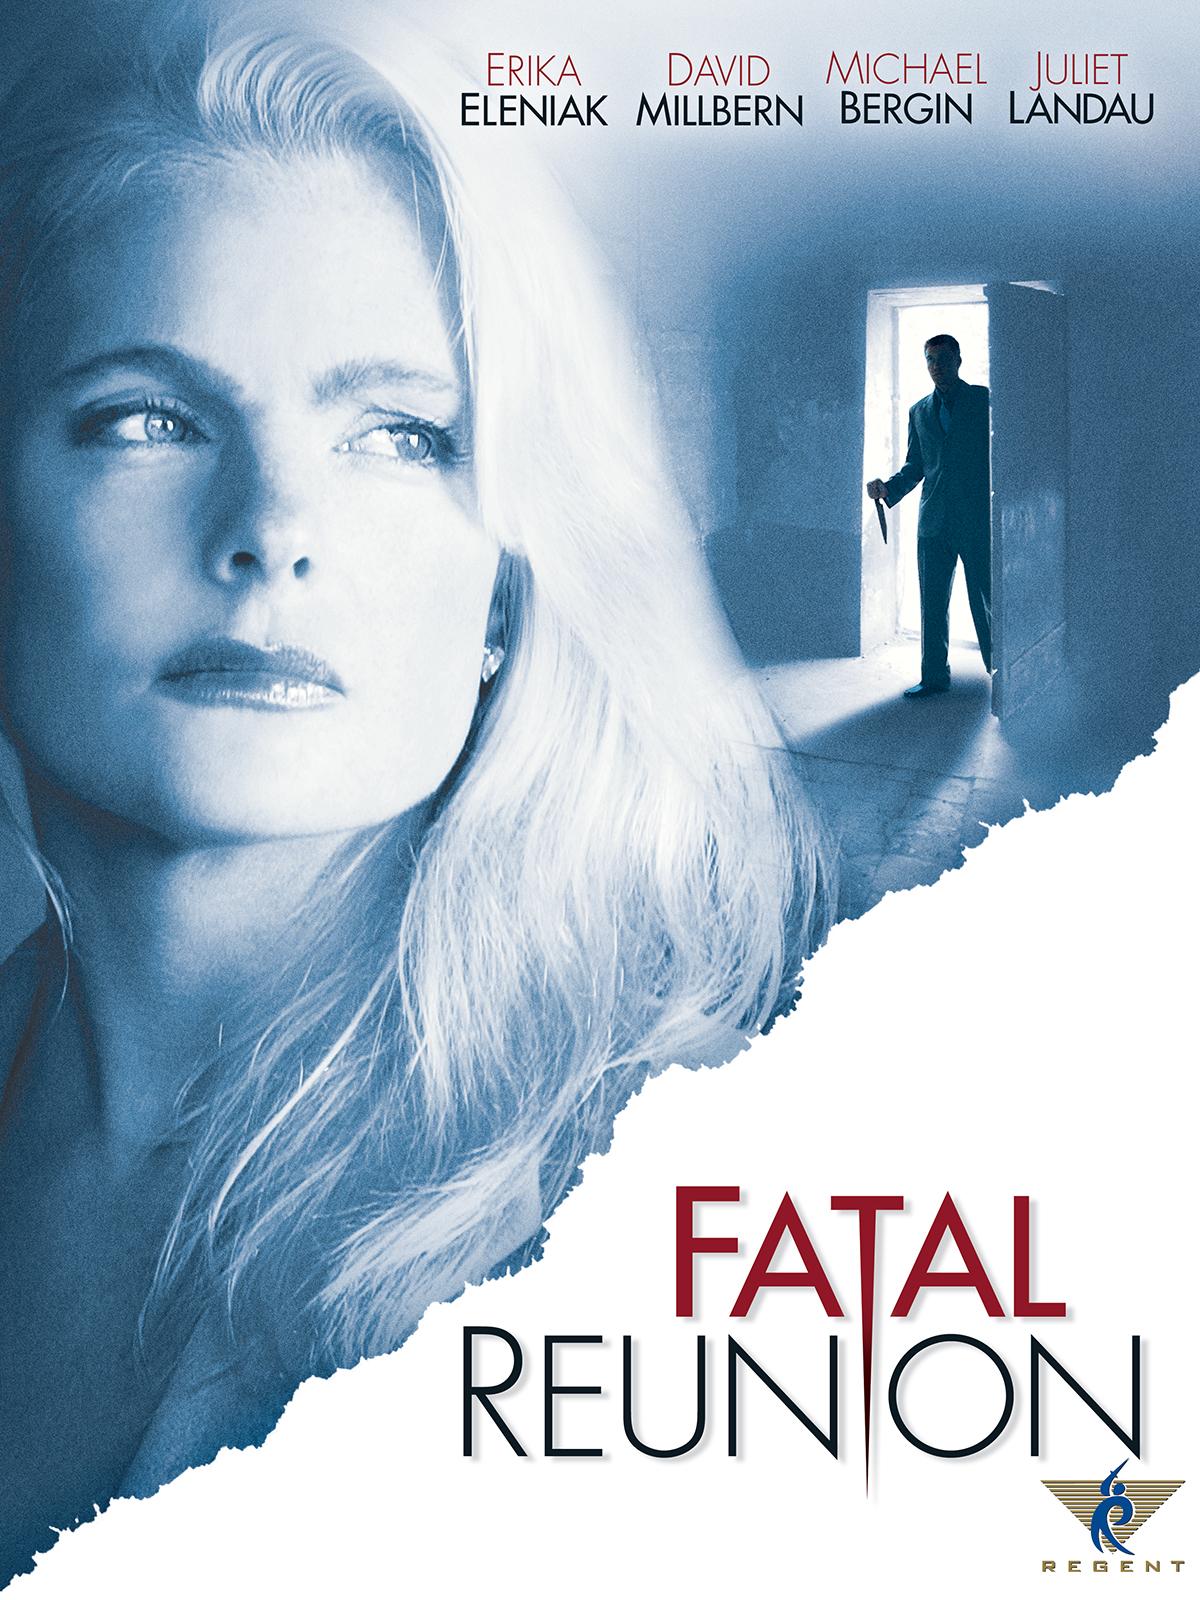 Here-FatalReunion-Full-Image-en-US.jpg